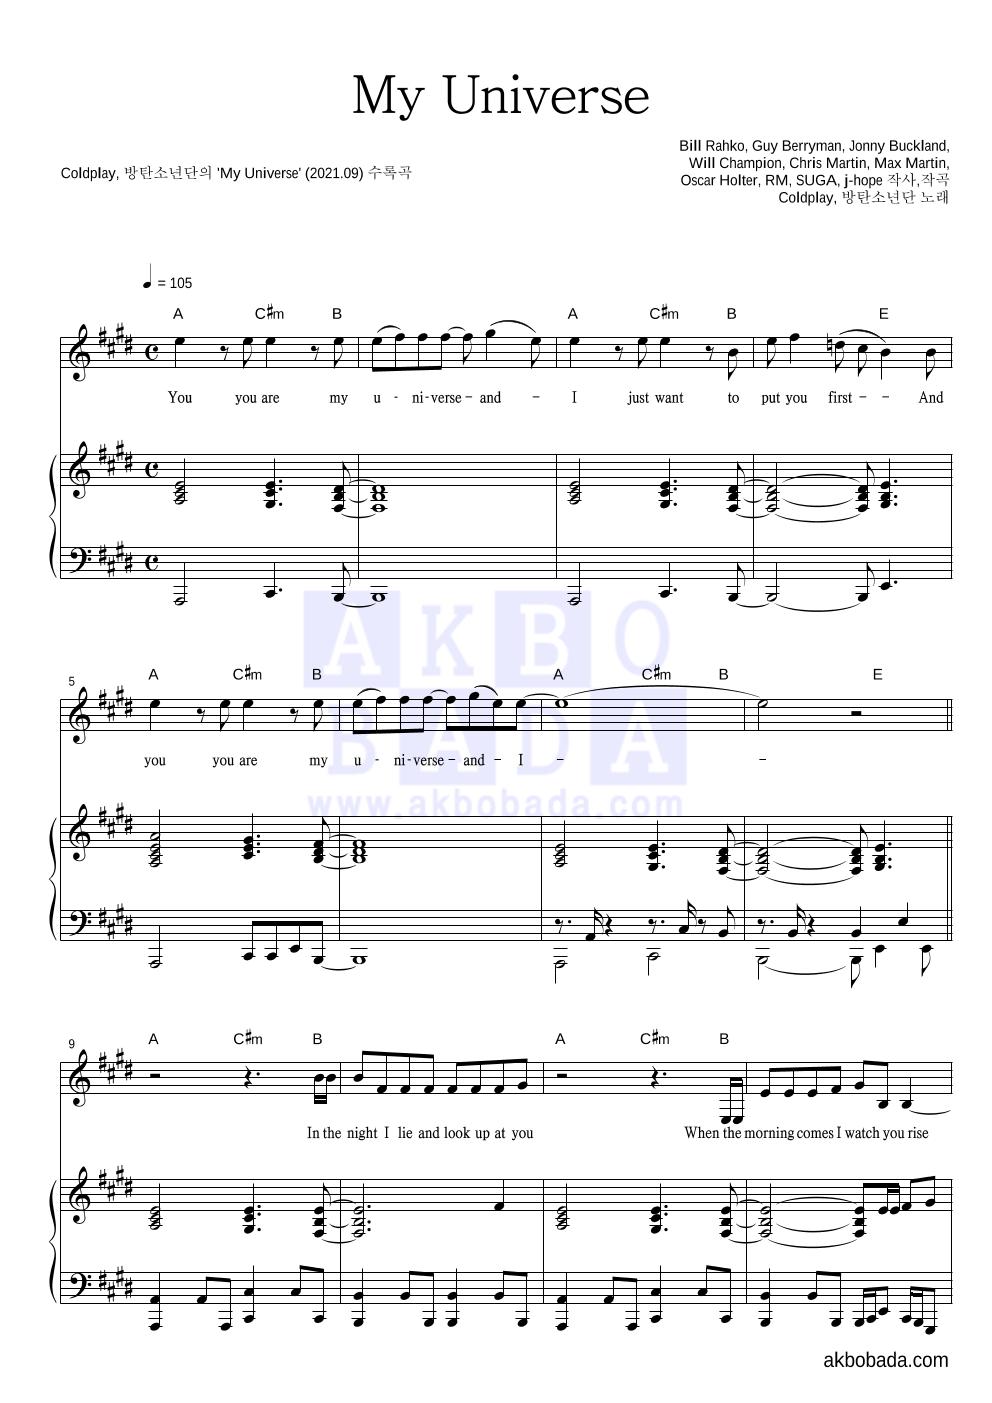 Coldplay,방탄소년단 - My Universe 피아노 3단 악보